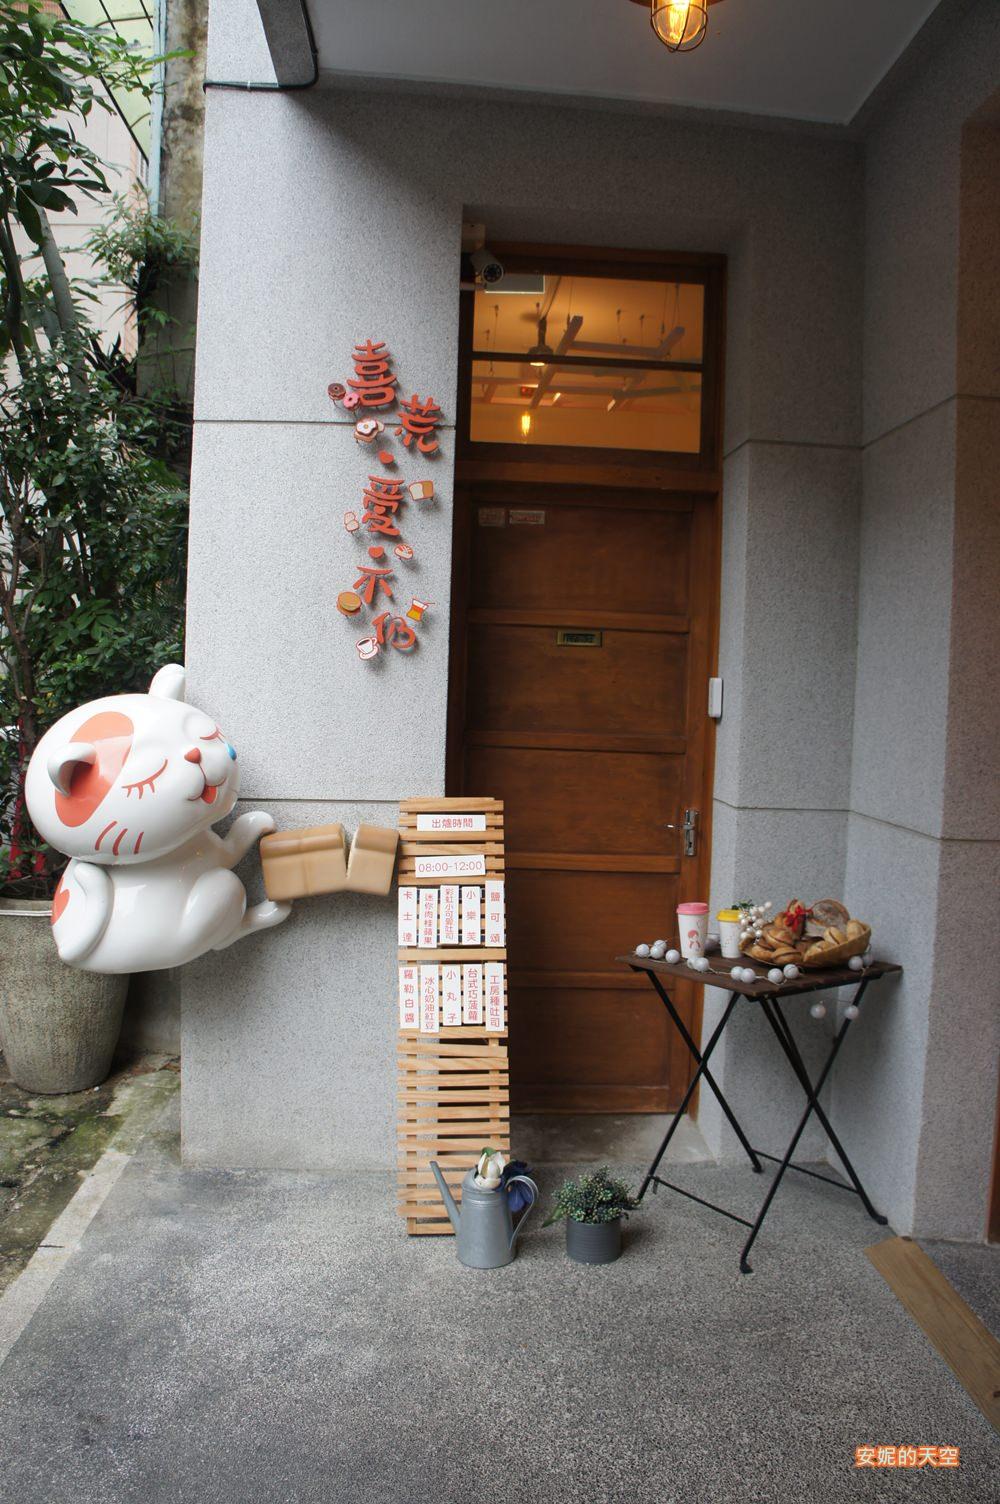 20180101205155 42 - 東區微風廣場後的秘境│ 喜荒、愛、不仍,日式古蹟老宅裡的烘焙坊,鬆鬆獅太可愛了